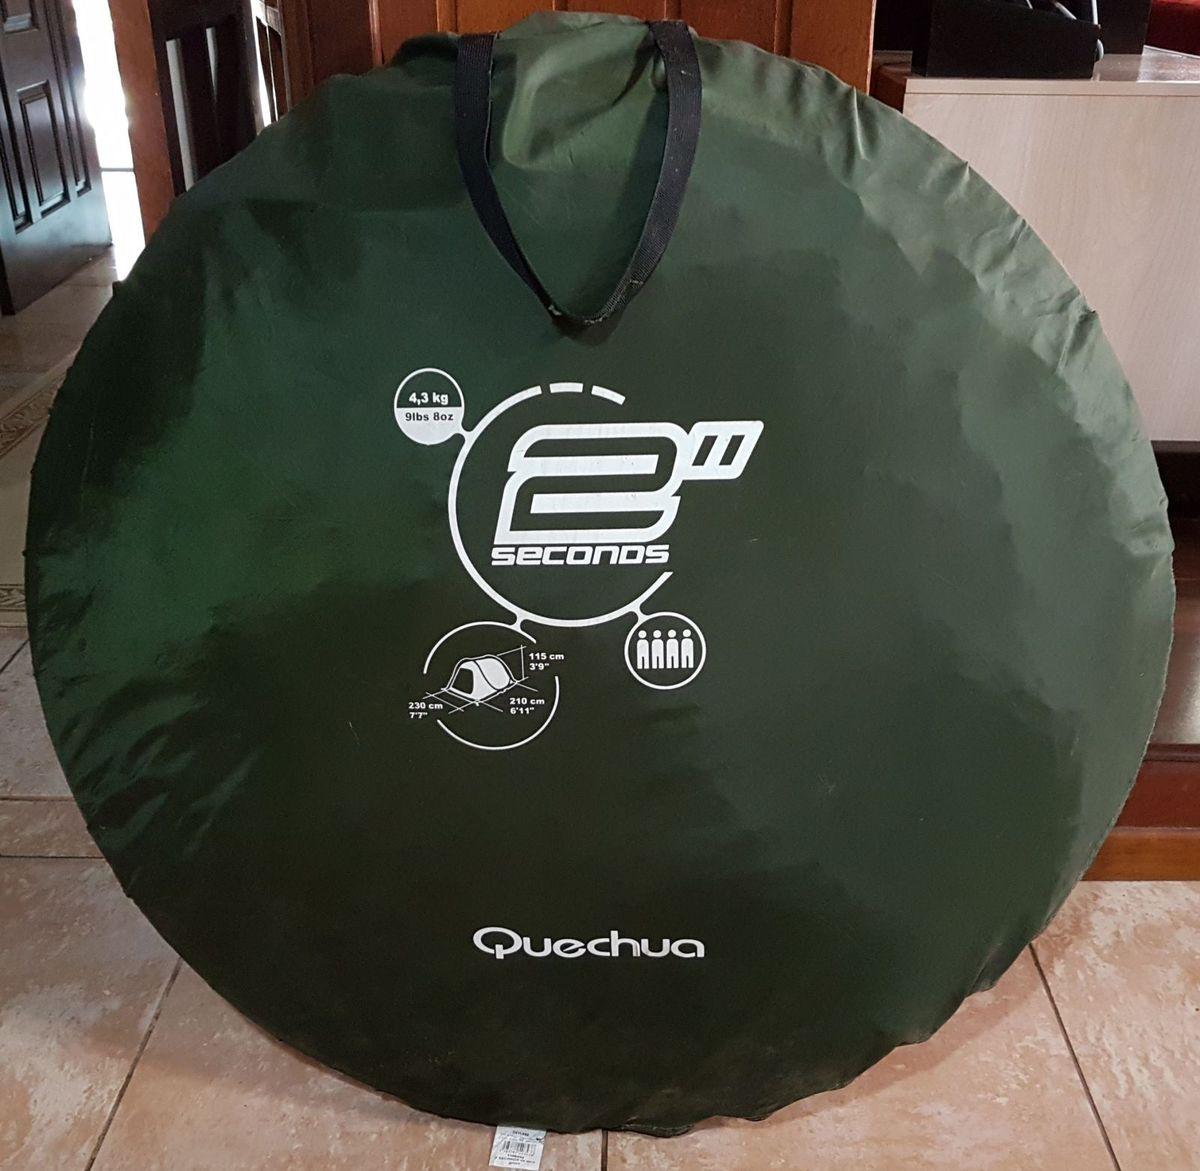 a67c1c643 barraca de camping quechua 2 seconds 4 pessoas - esportes e outdoor quechua